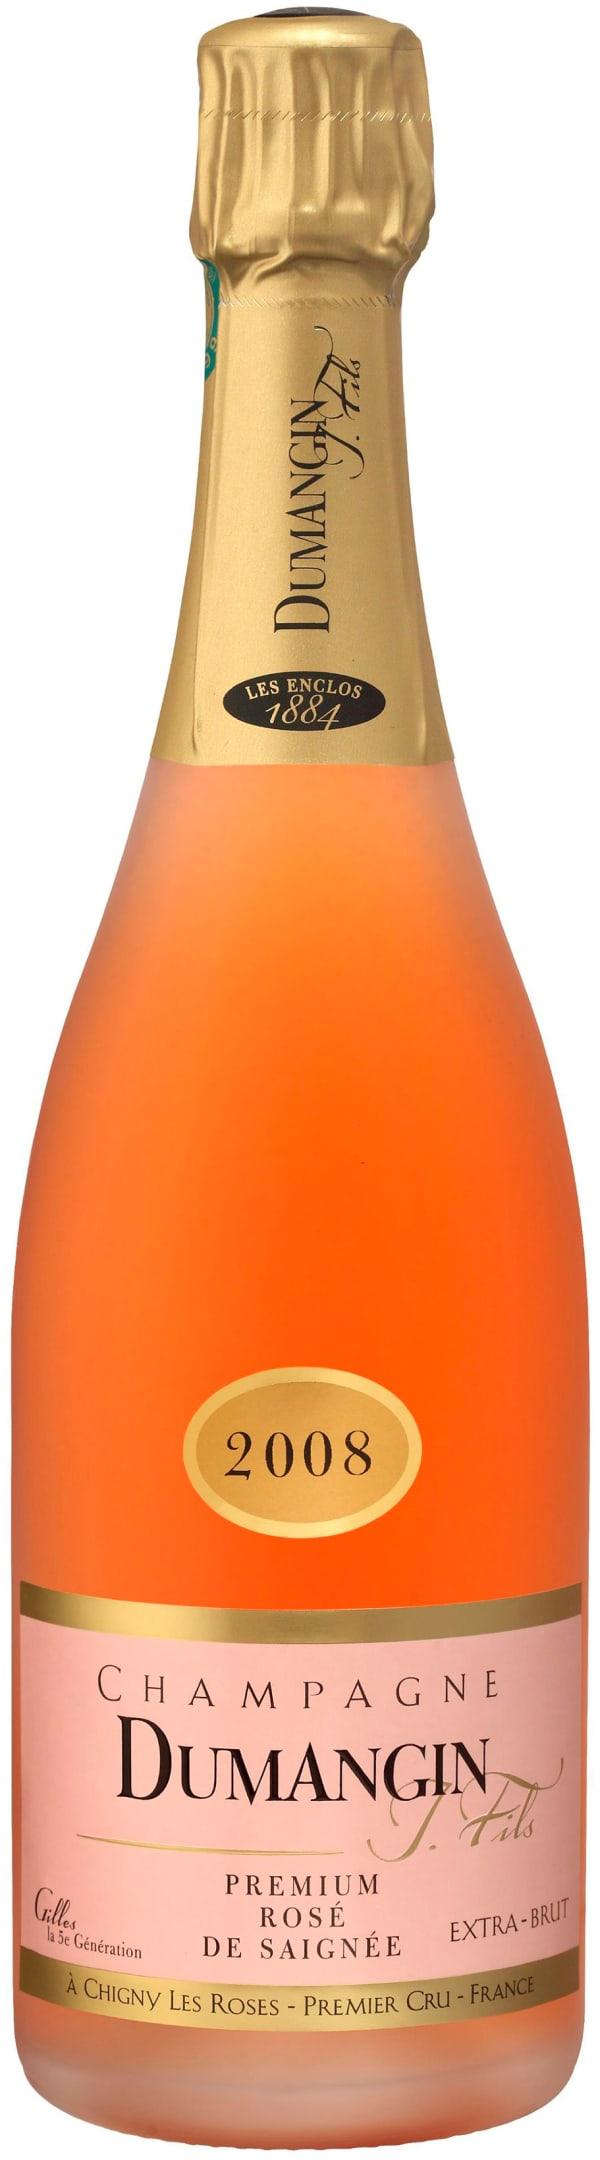 Dumangin Premium Rosé de Saignée Champagne Extra Brut 2008